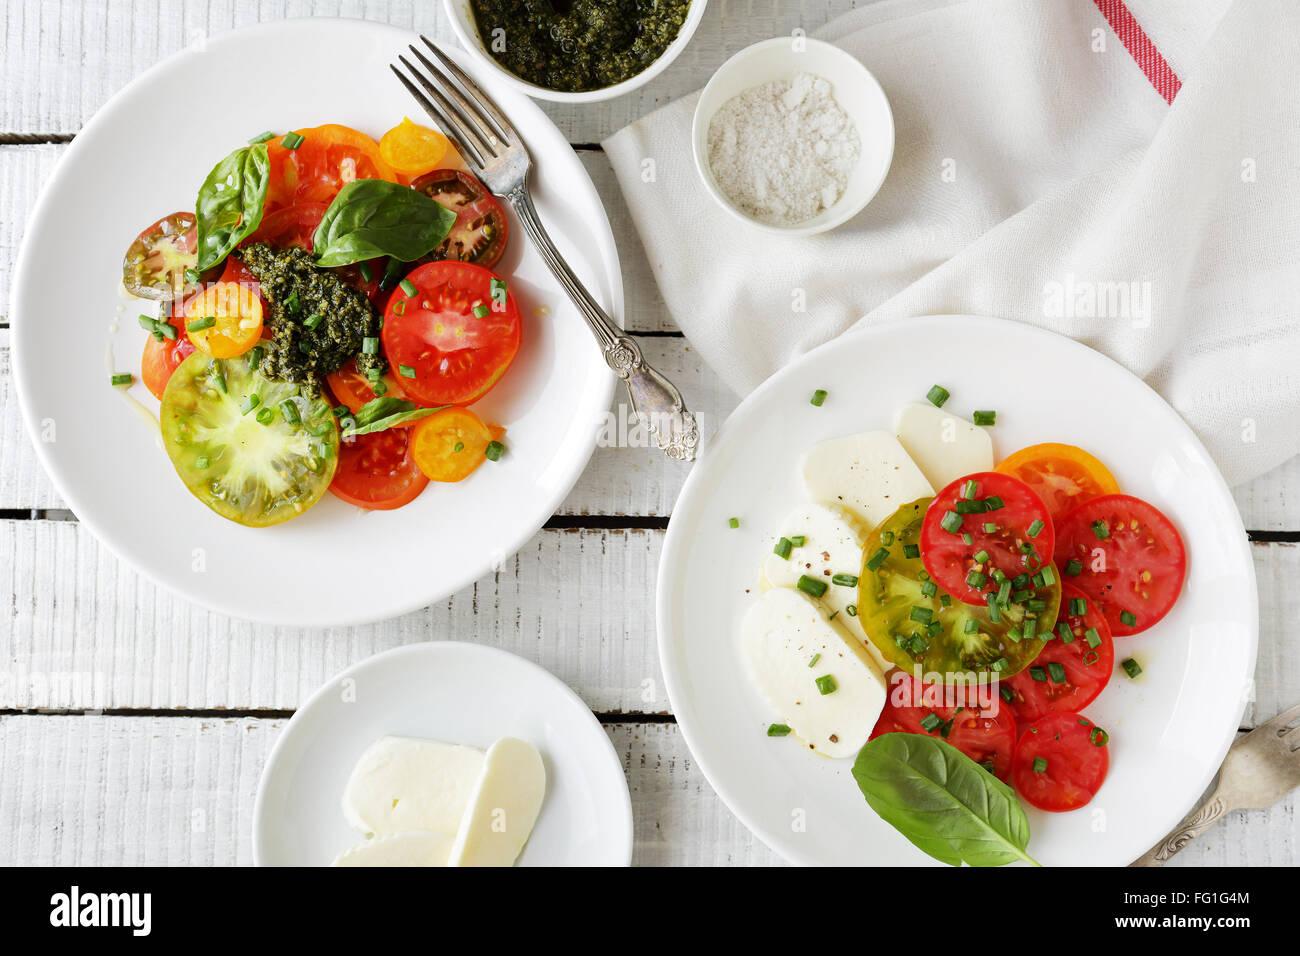 Salade caprese italien et la tomate sur la plaque, de l'alimentation vue d'en haut Photo Stock